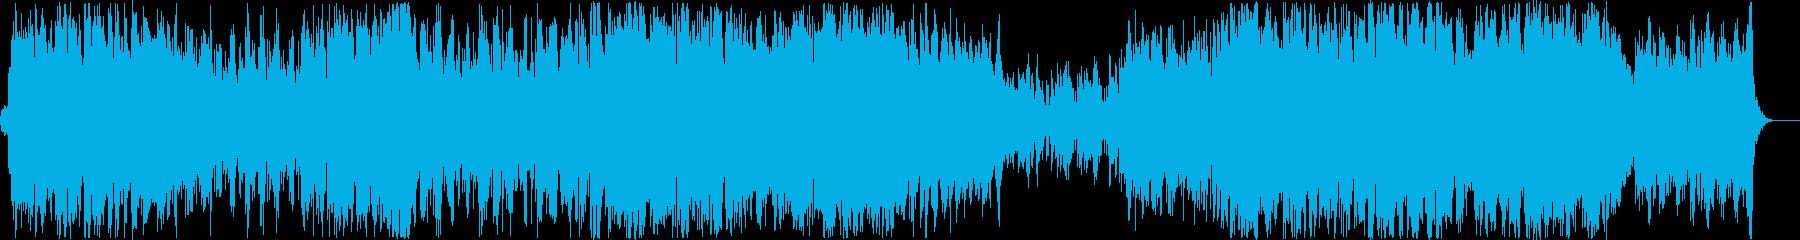 幻想的なポップスの再生済みの波形